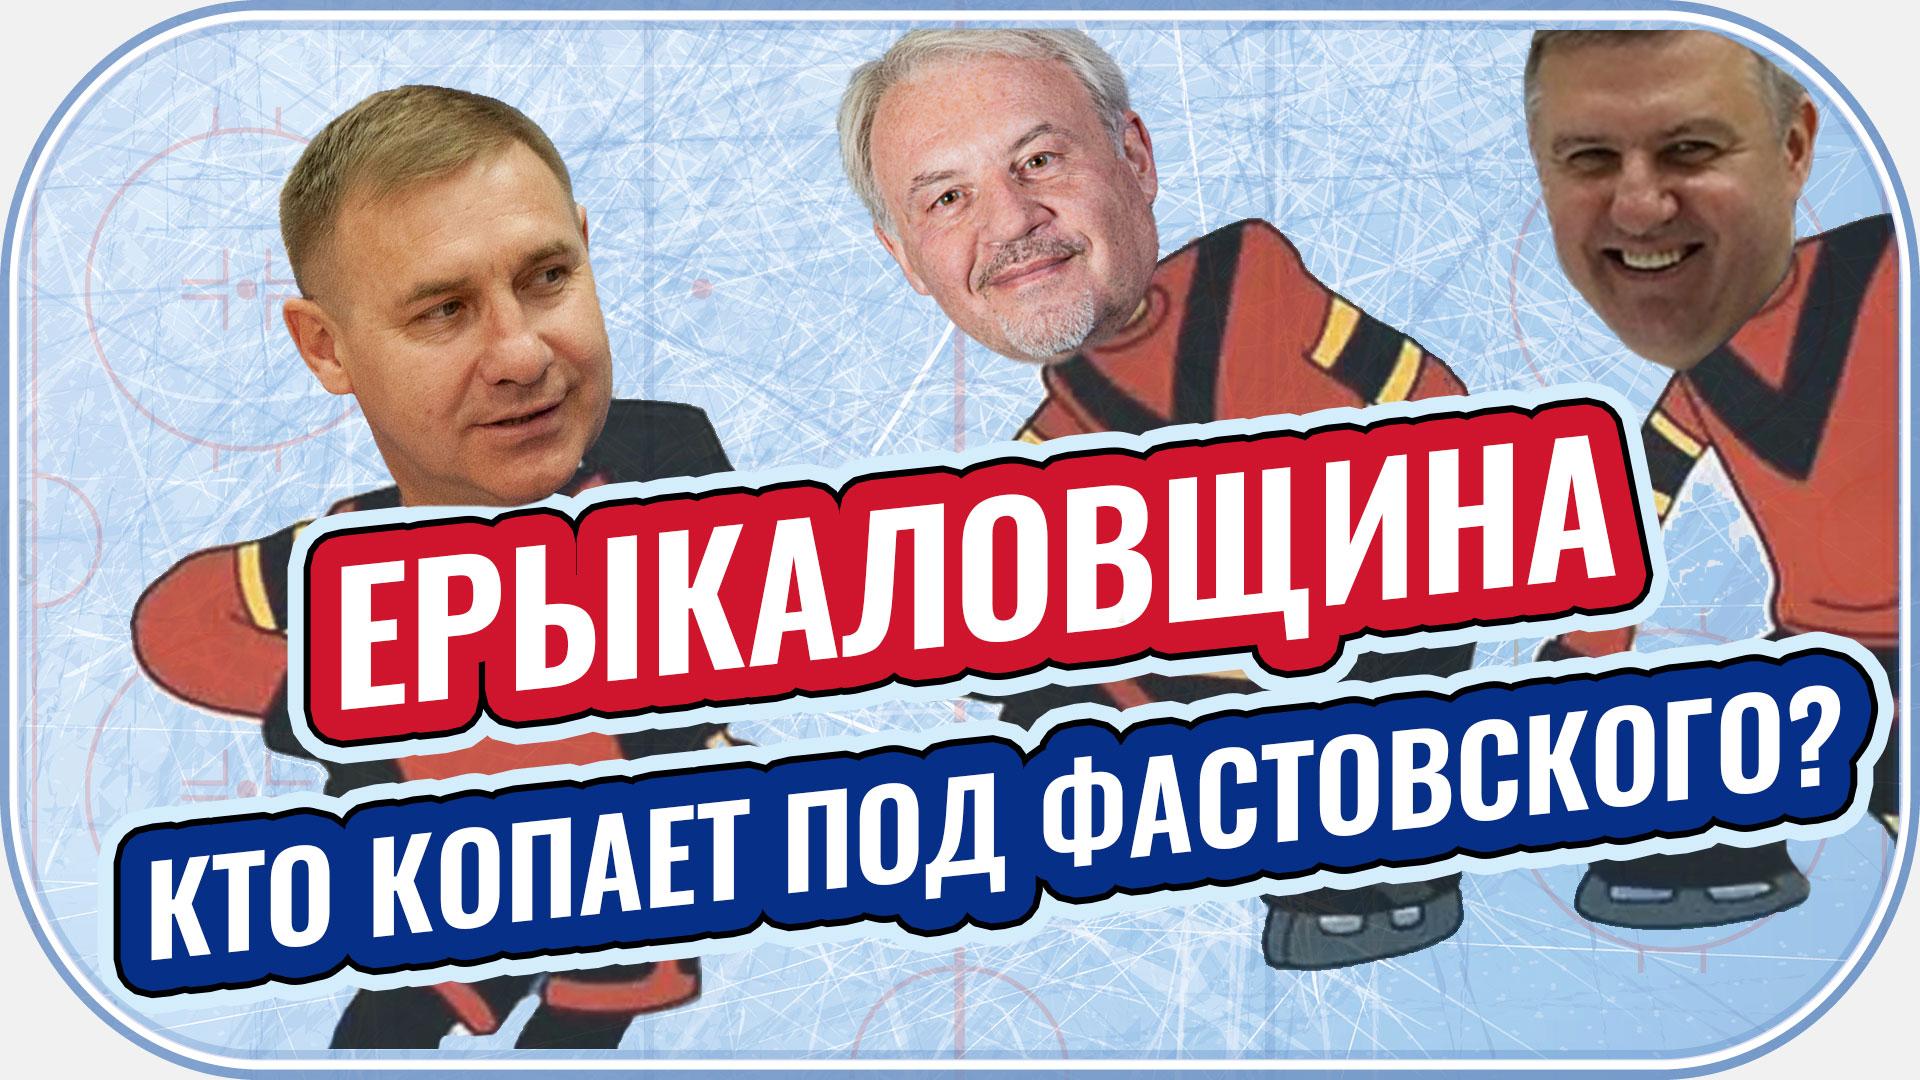 Кто вместо Фастовского в ХК Сибирь / ЦСКА нужно отдать Ротенбергу / где будет Назаров